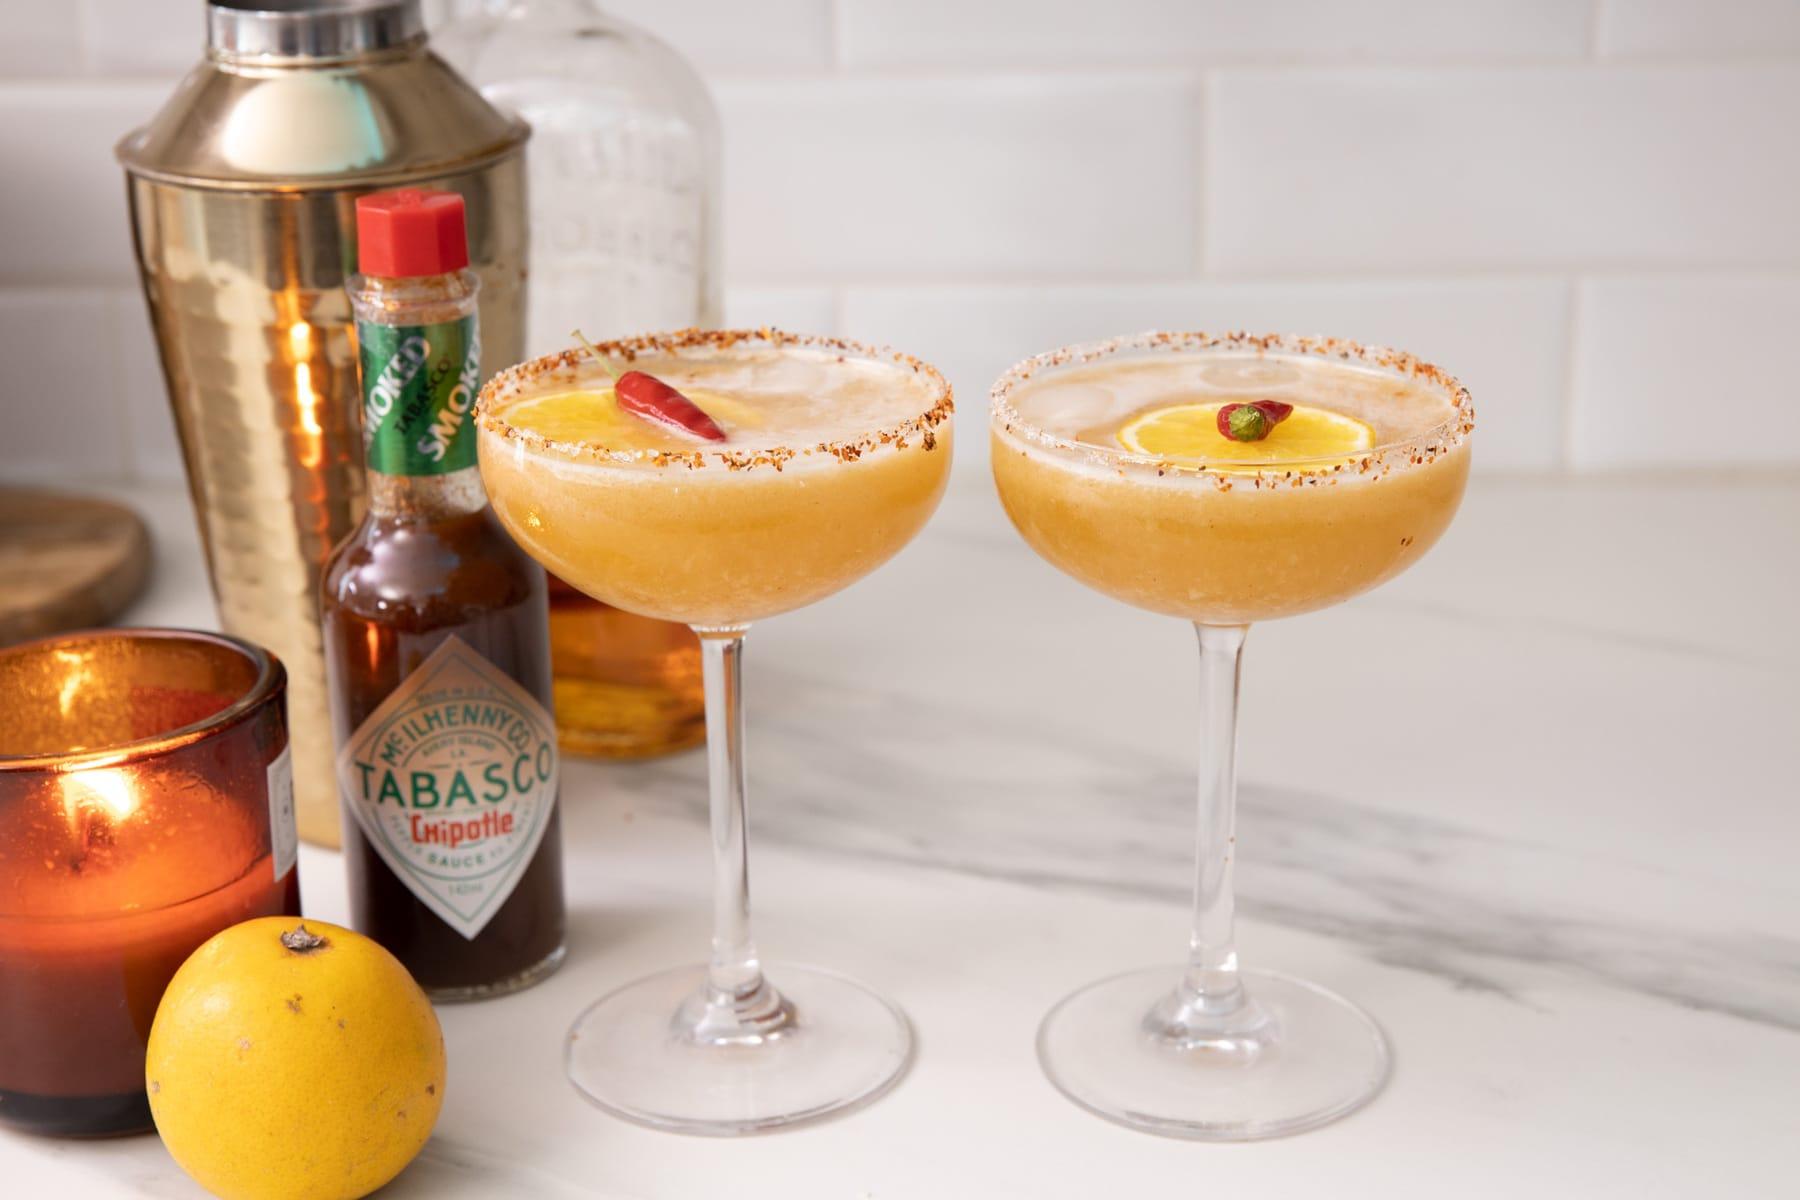 Cocktail fin d'année Tabasco petite bette